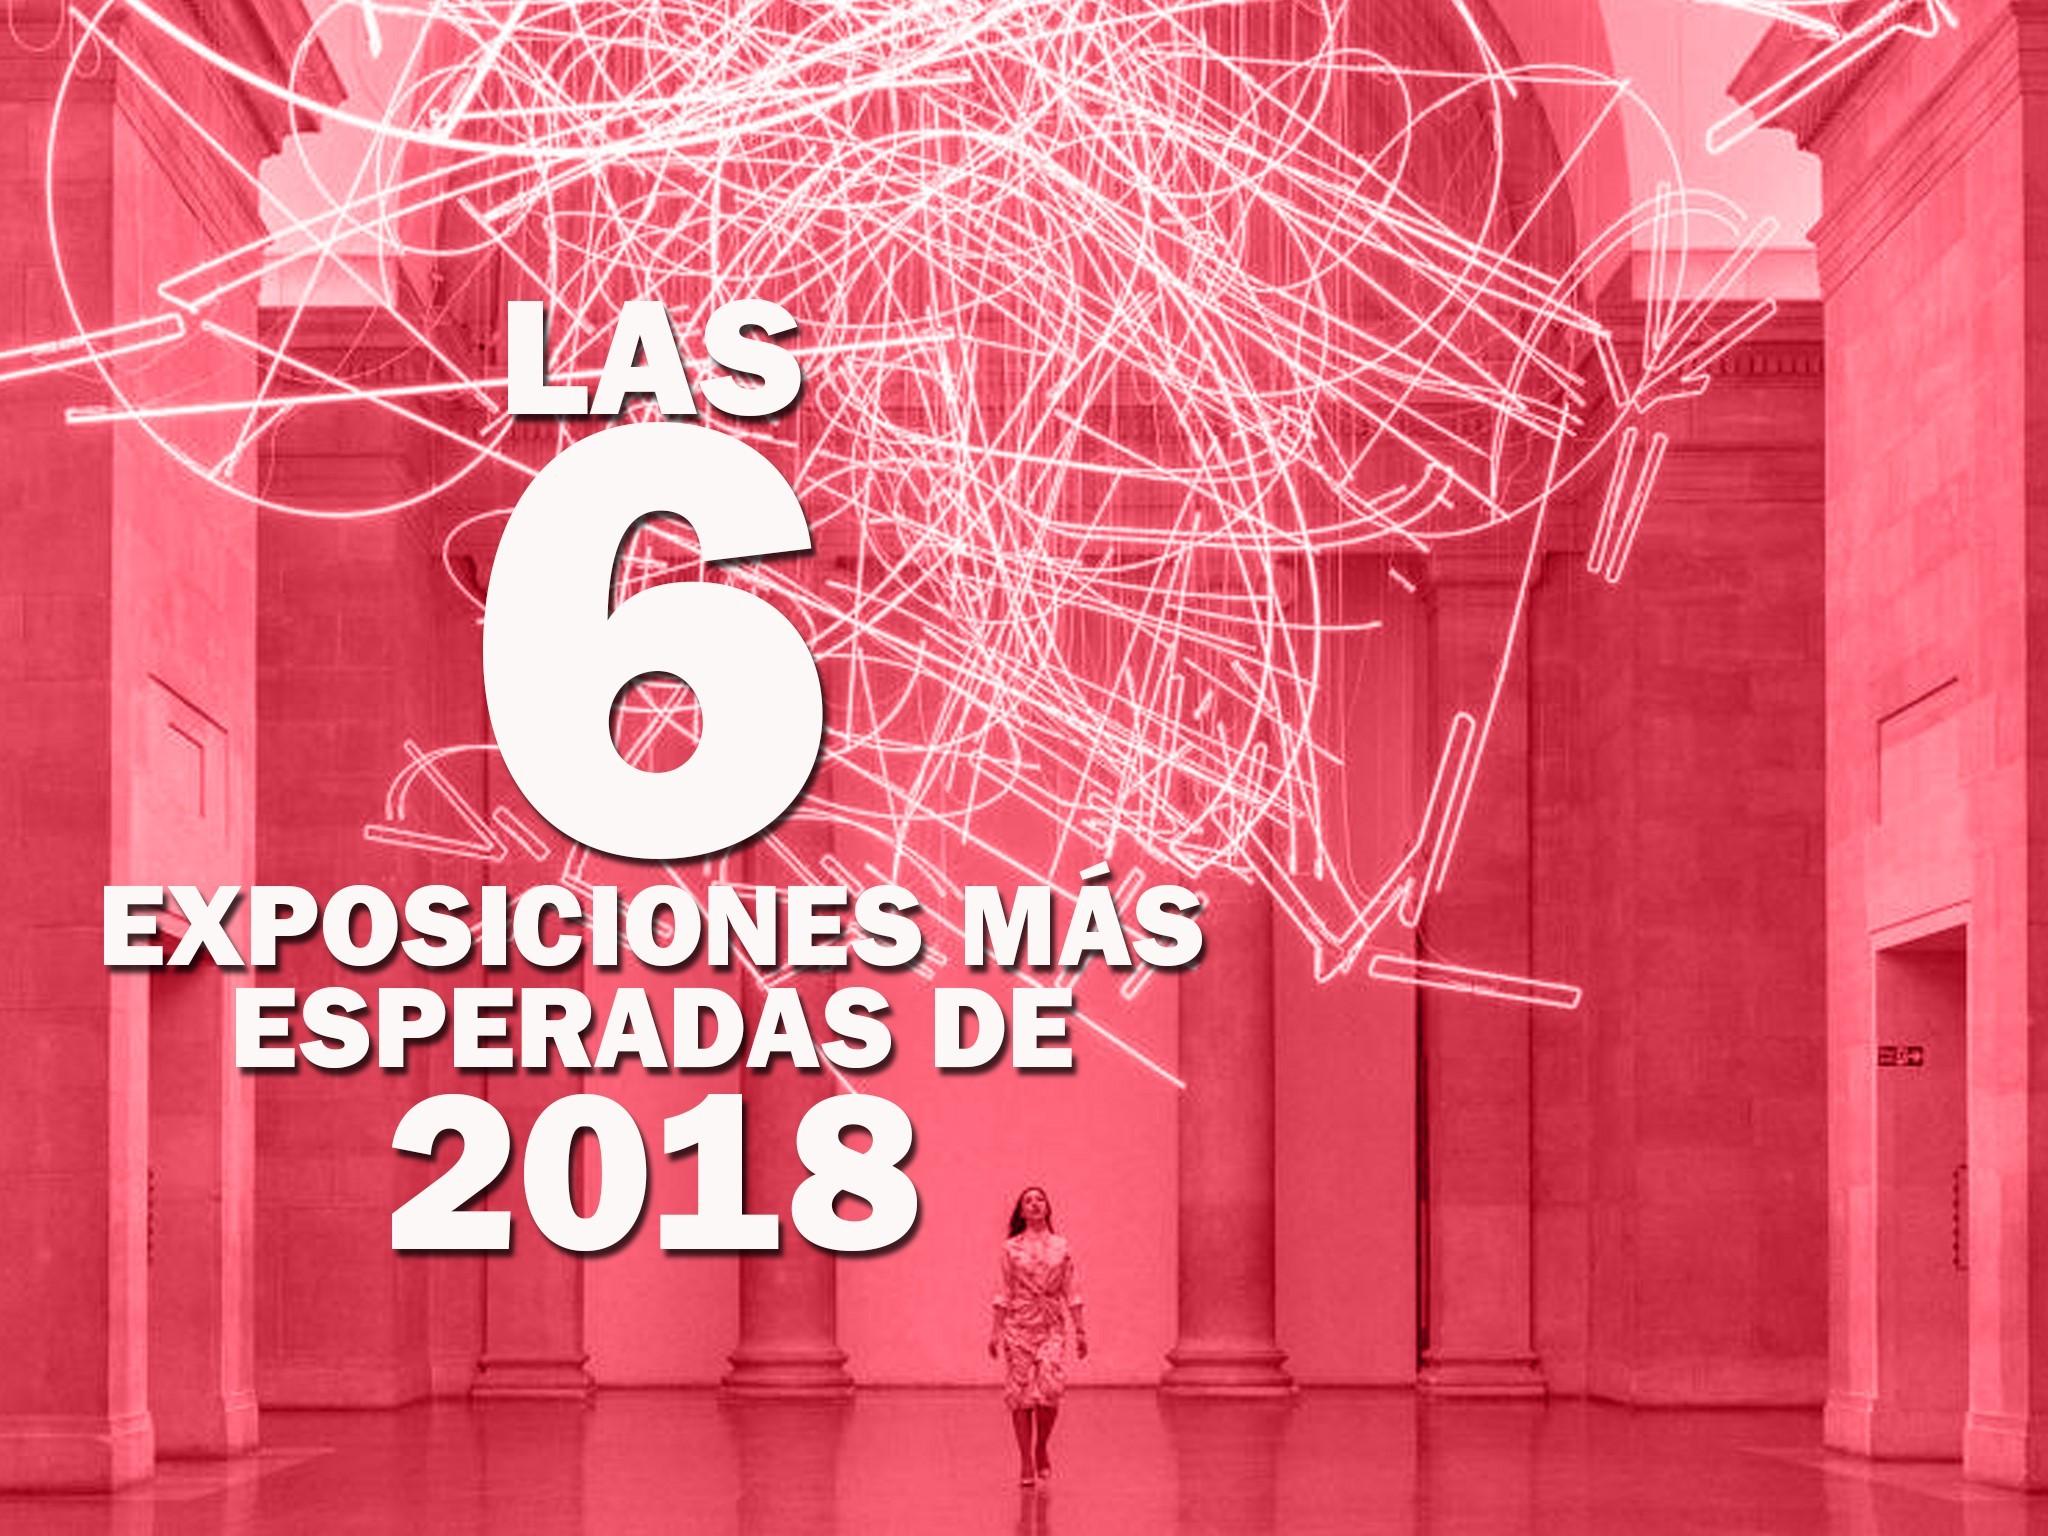 Las exposiciones más esperadas de 2018